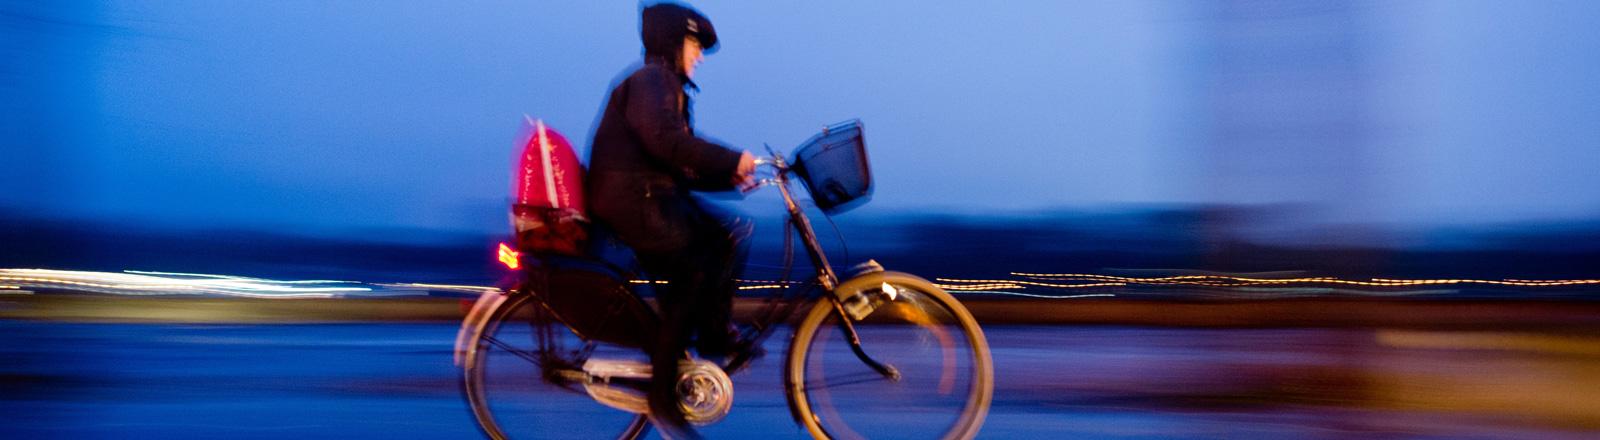 Frau fährt bei Regen in Hannover Fahrrad.